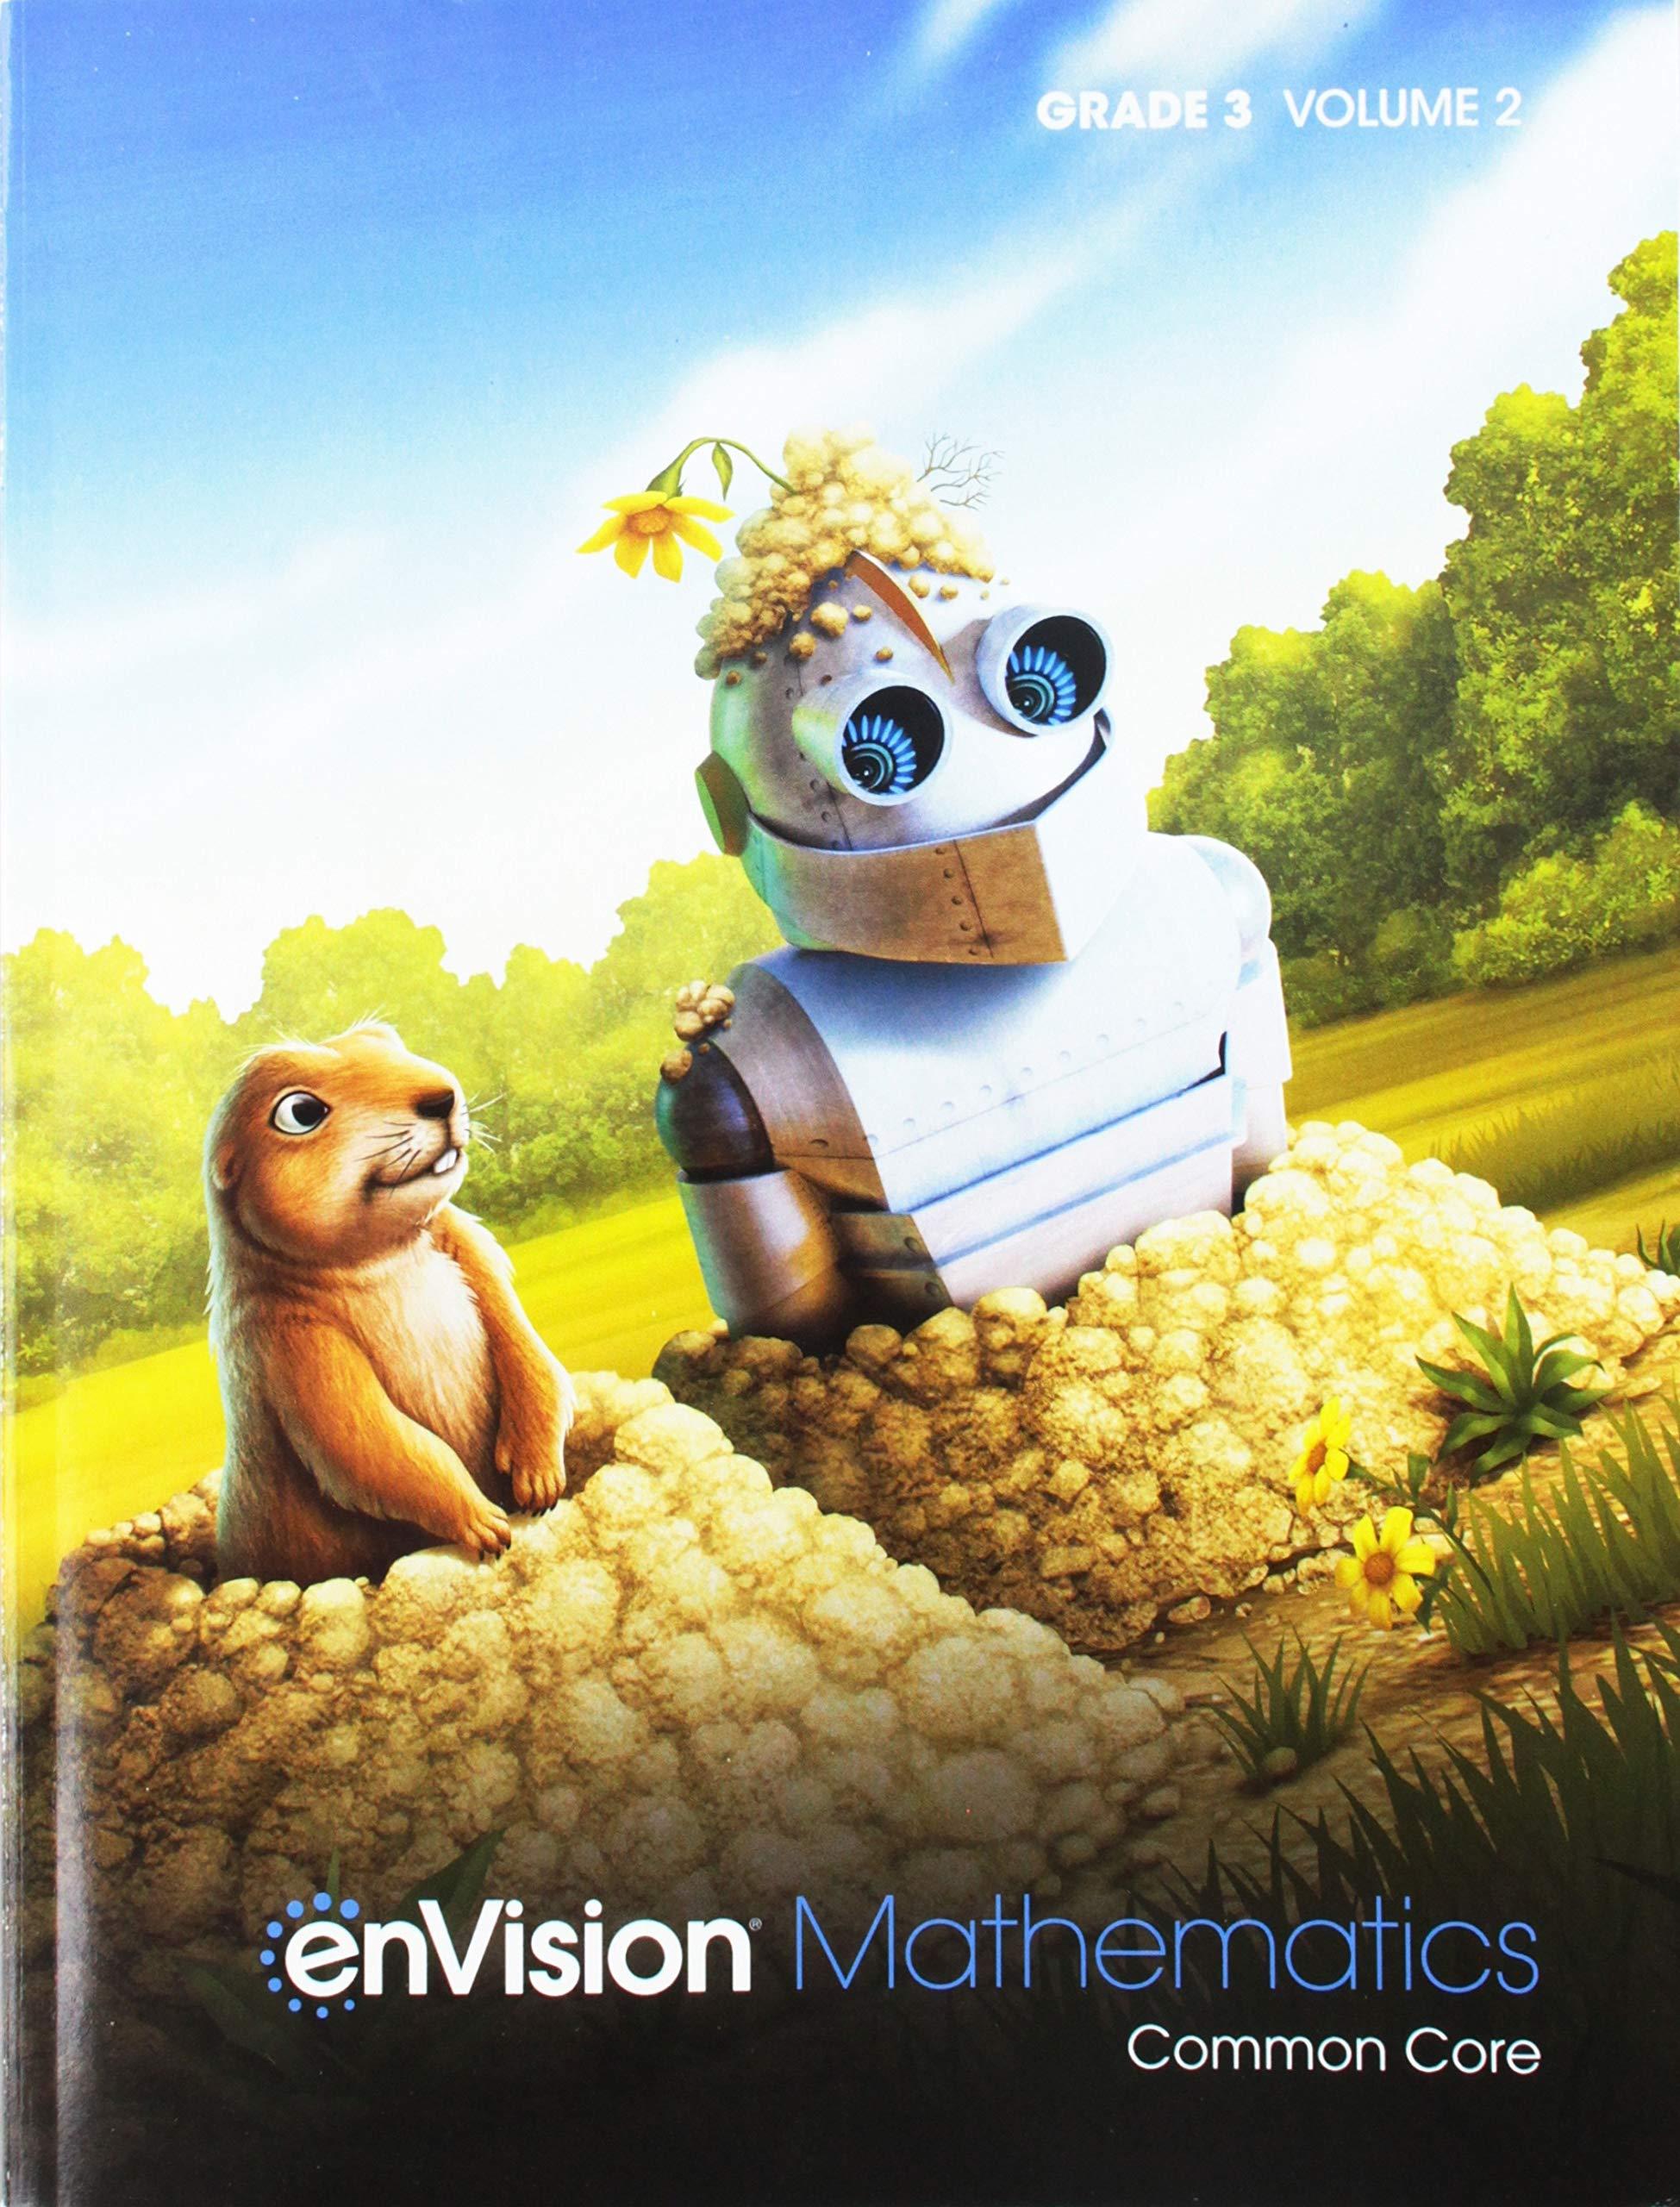 Amazon Com Envision Mathematics 2020 Common Core Student Edition Grade 3 Volume 2 9780134954769 Scott Foresman Books